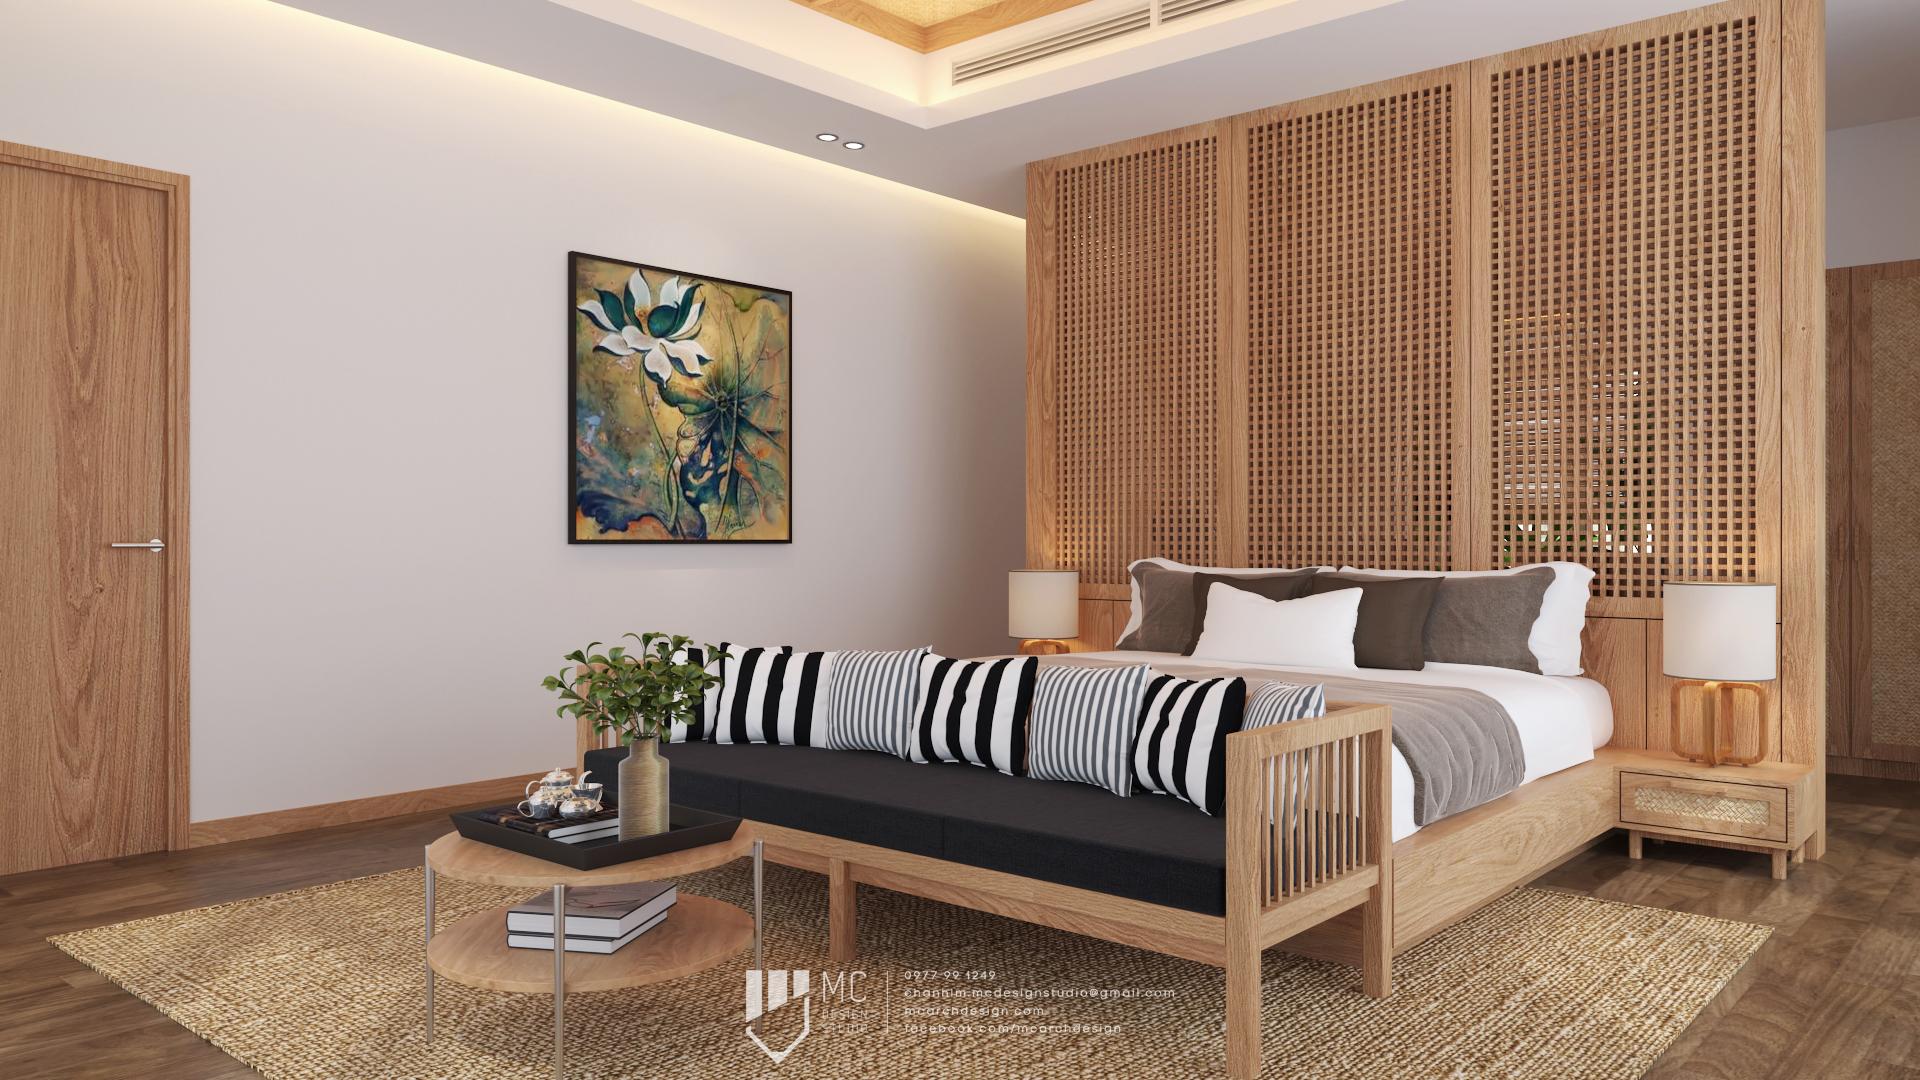 Thiết kế nội thất Biệt Thự tại Đắk Lắk BM House 1590741706 5